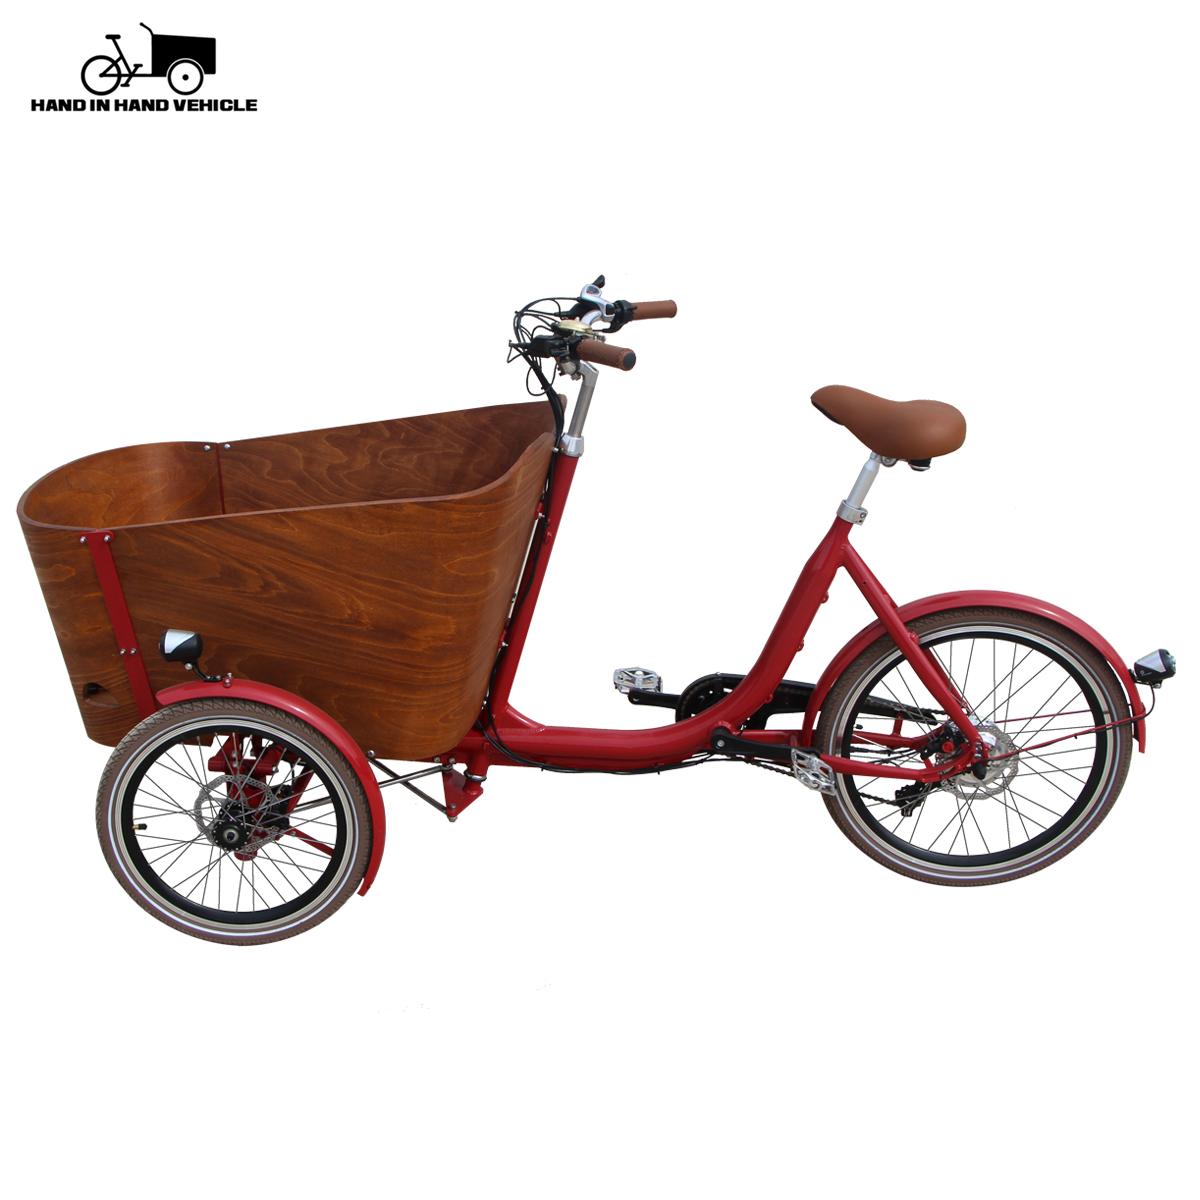 Three Wheel Electric Cargo Bike Off 56 Www Abrafiltros Org Br